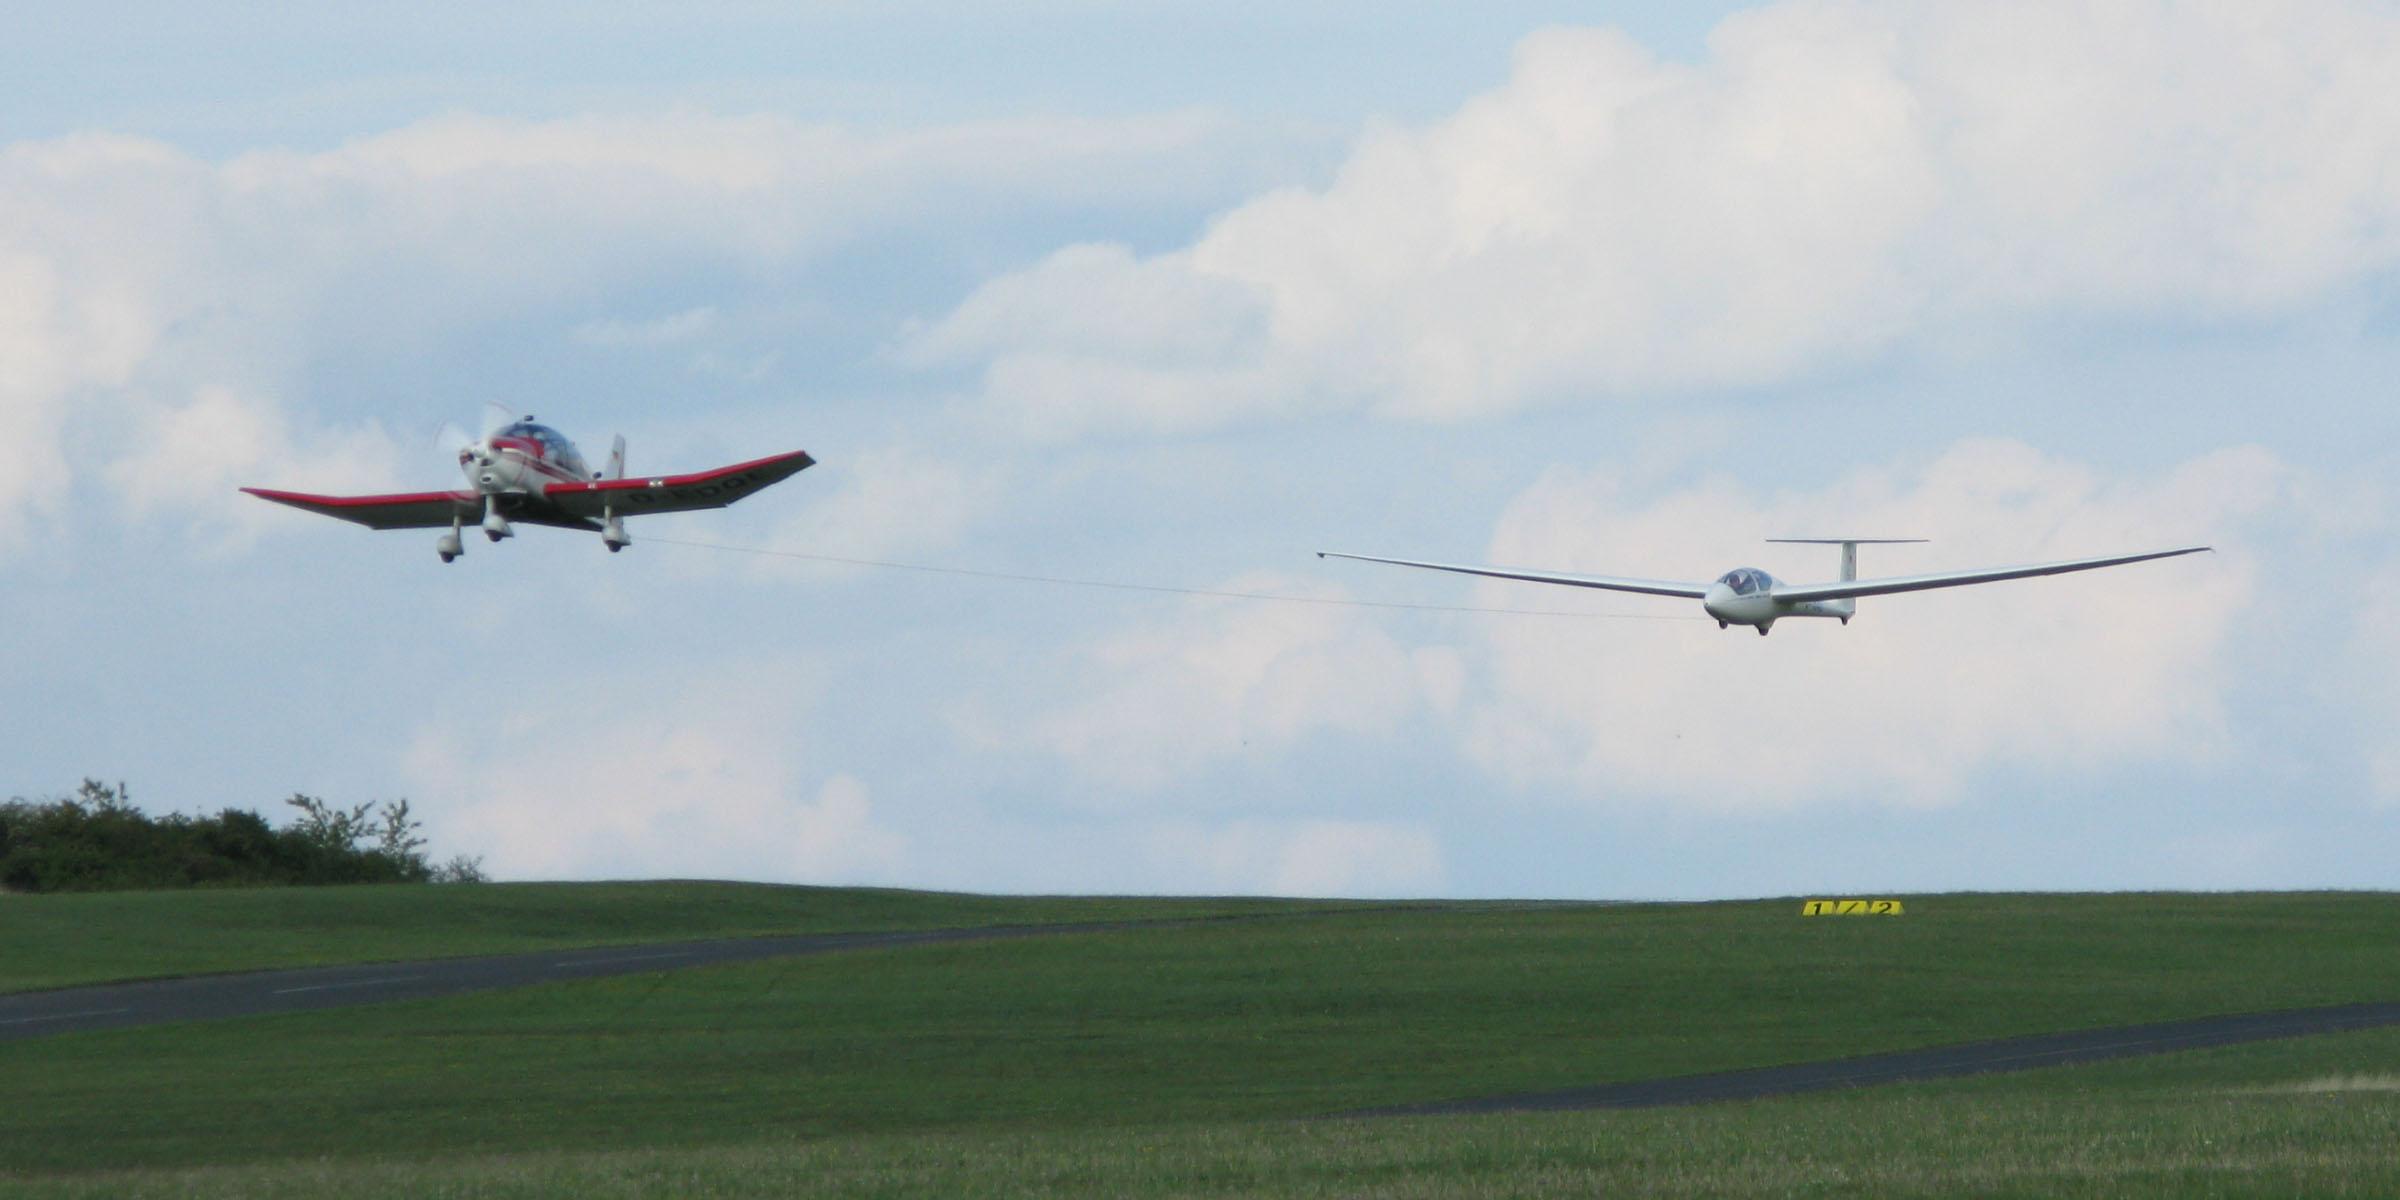 Auf Burg Feuerstein schleppt eine Remo das Segelflugzeug ASK21